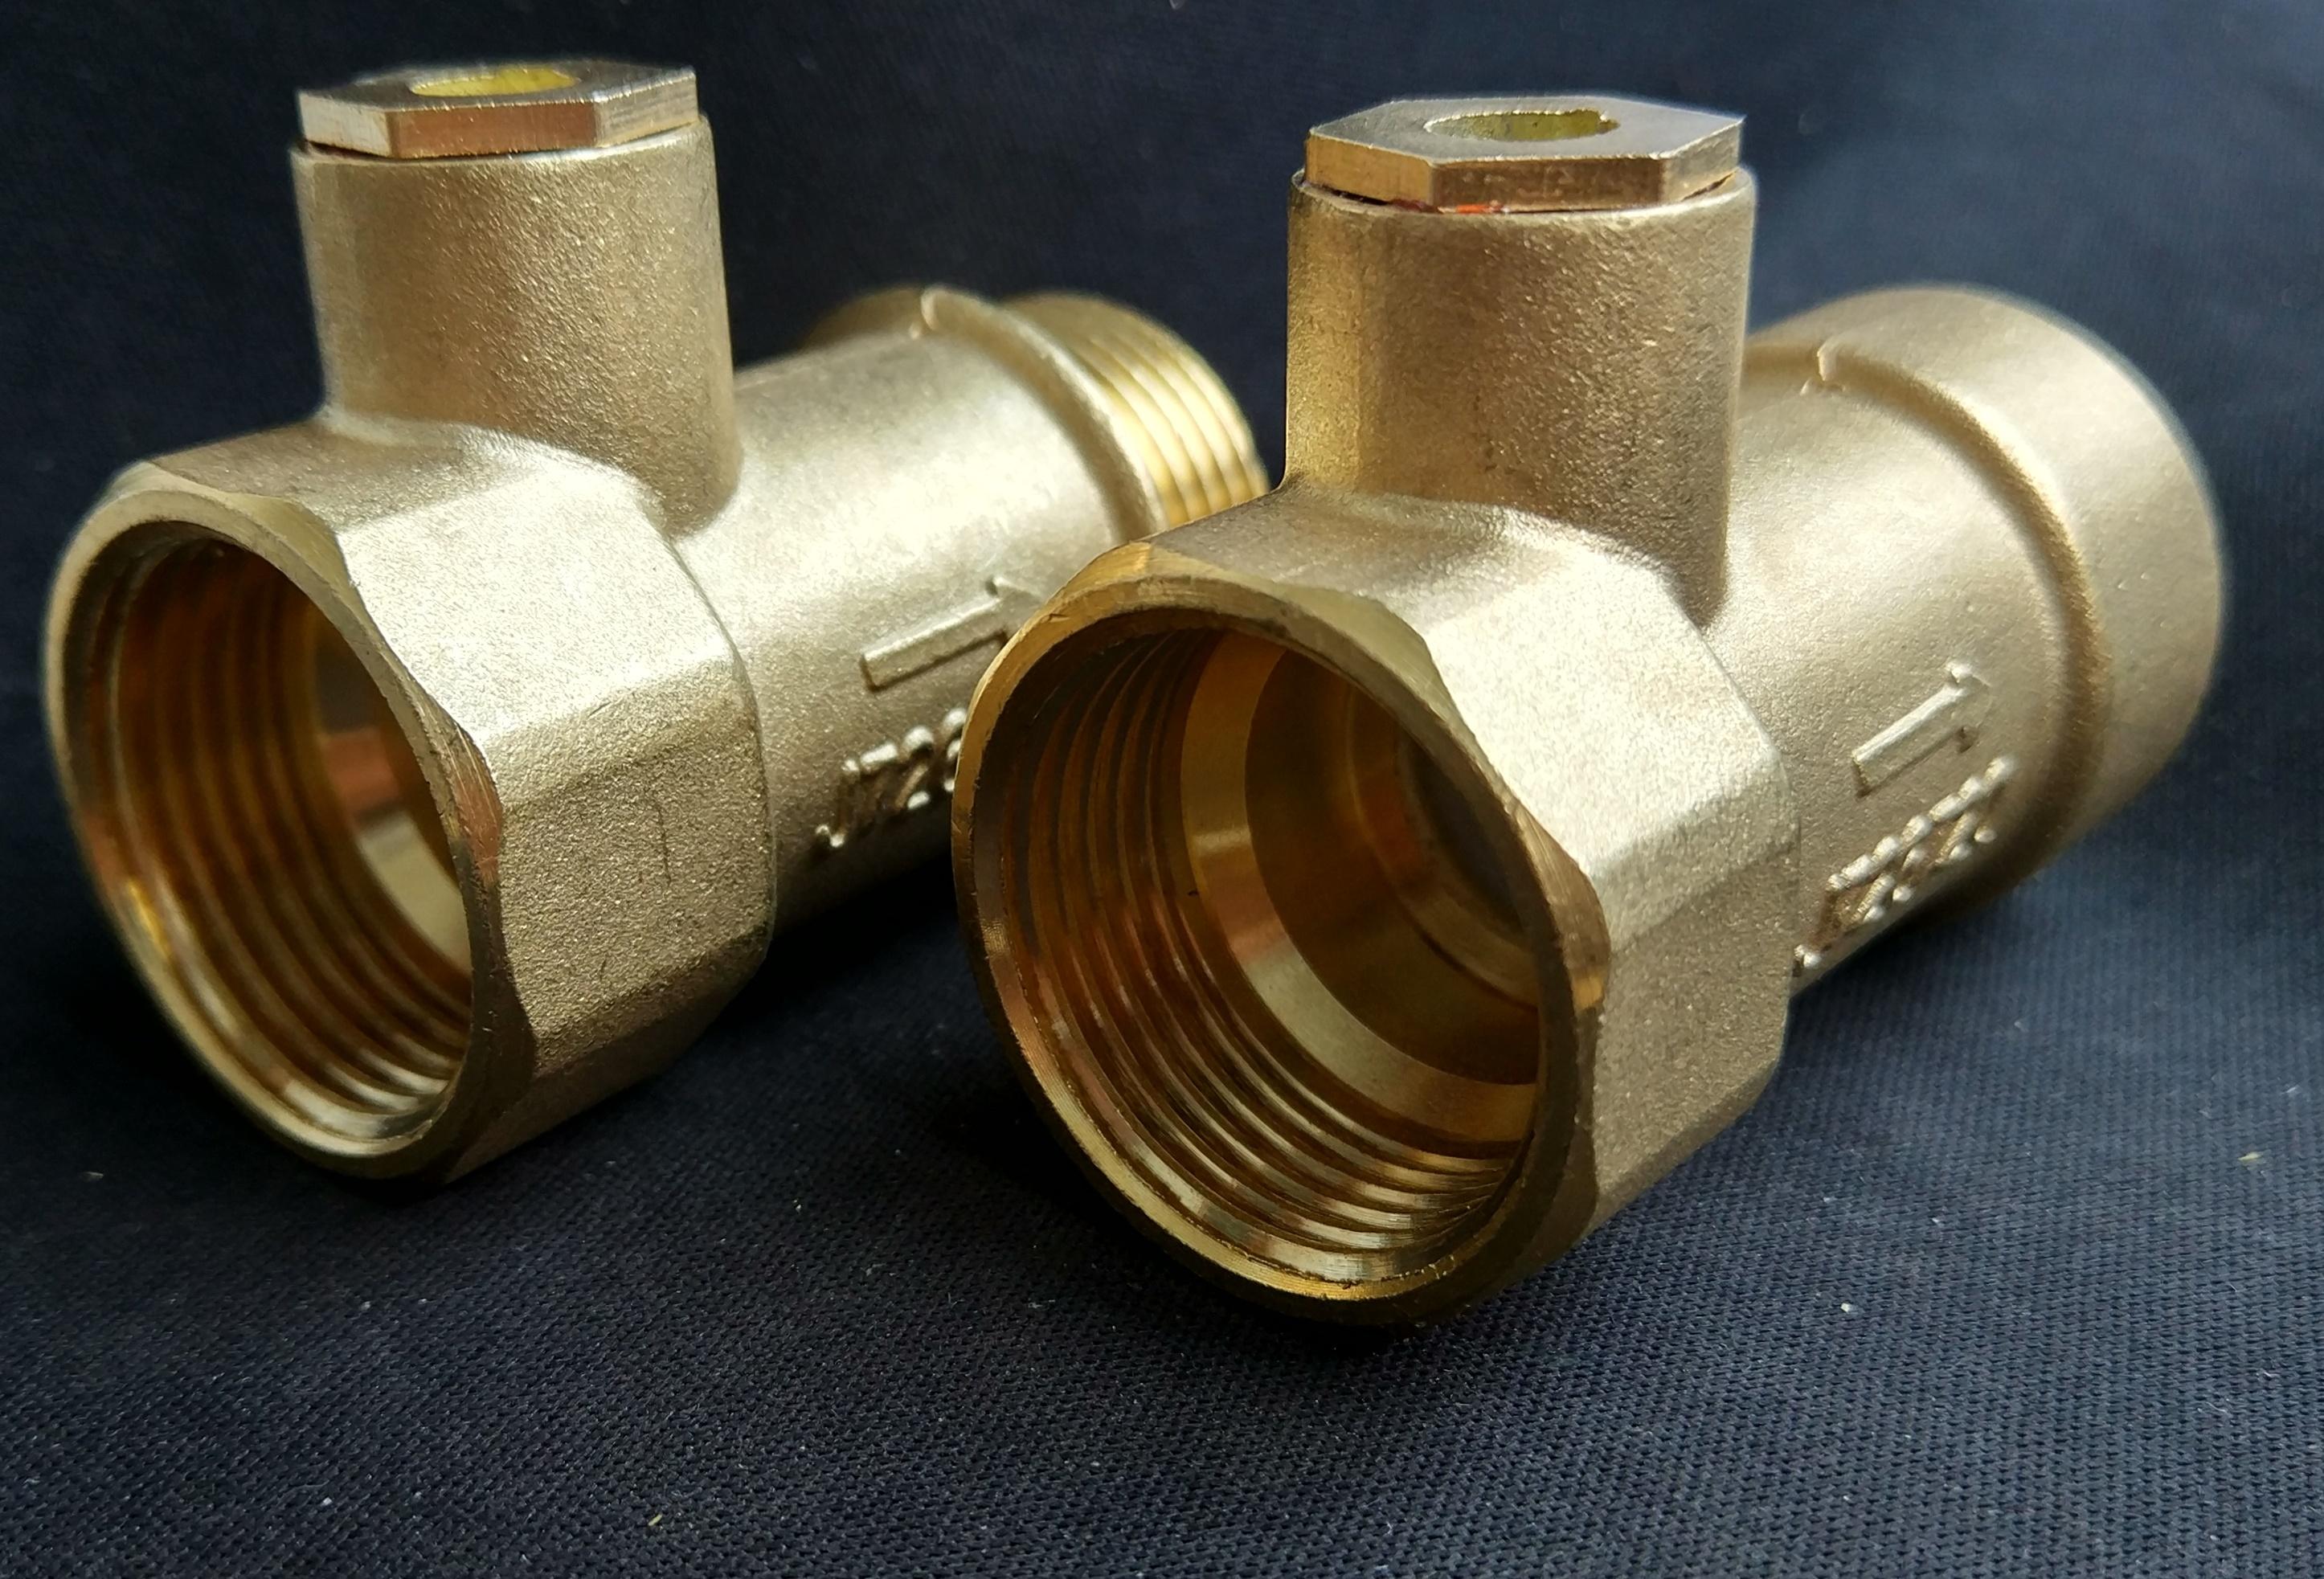 止回阀无塔供水器压力罐箱二合一补气逆止阀铜单向带丝防回流止水图片